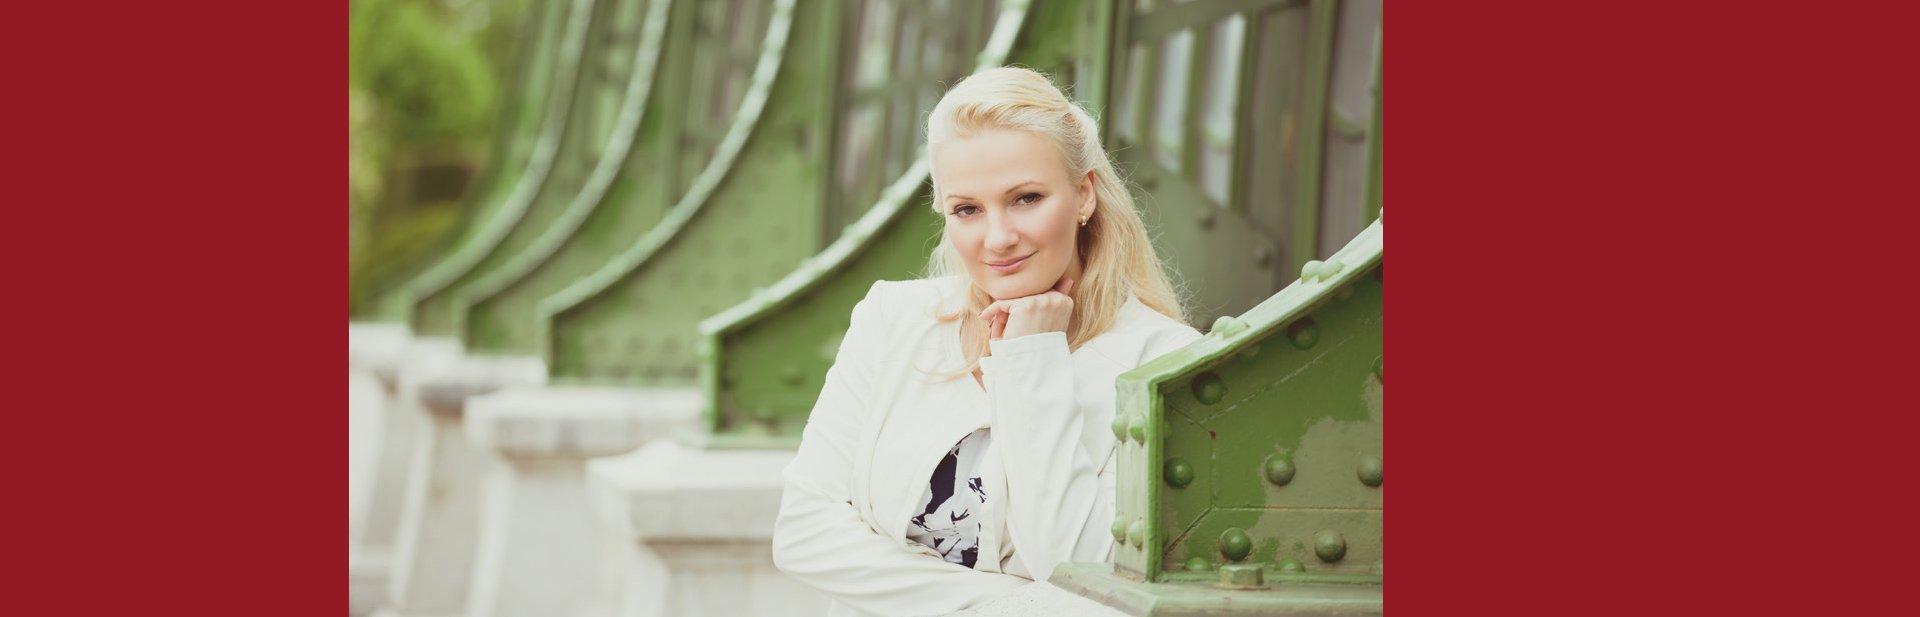 Karin Targo, Komponisten und ihre Frauen